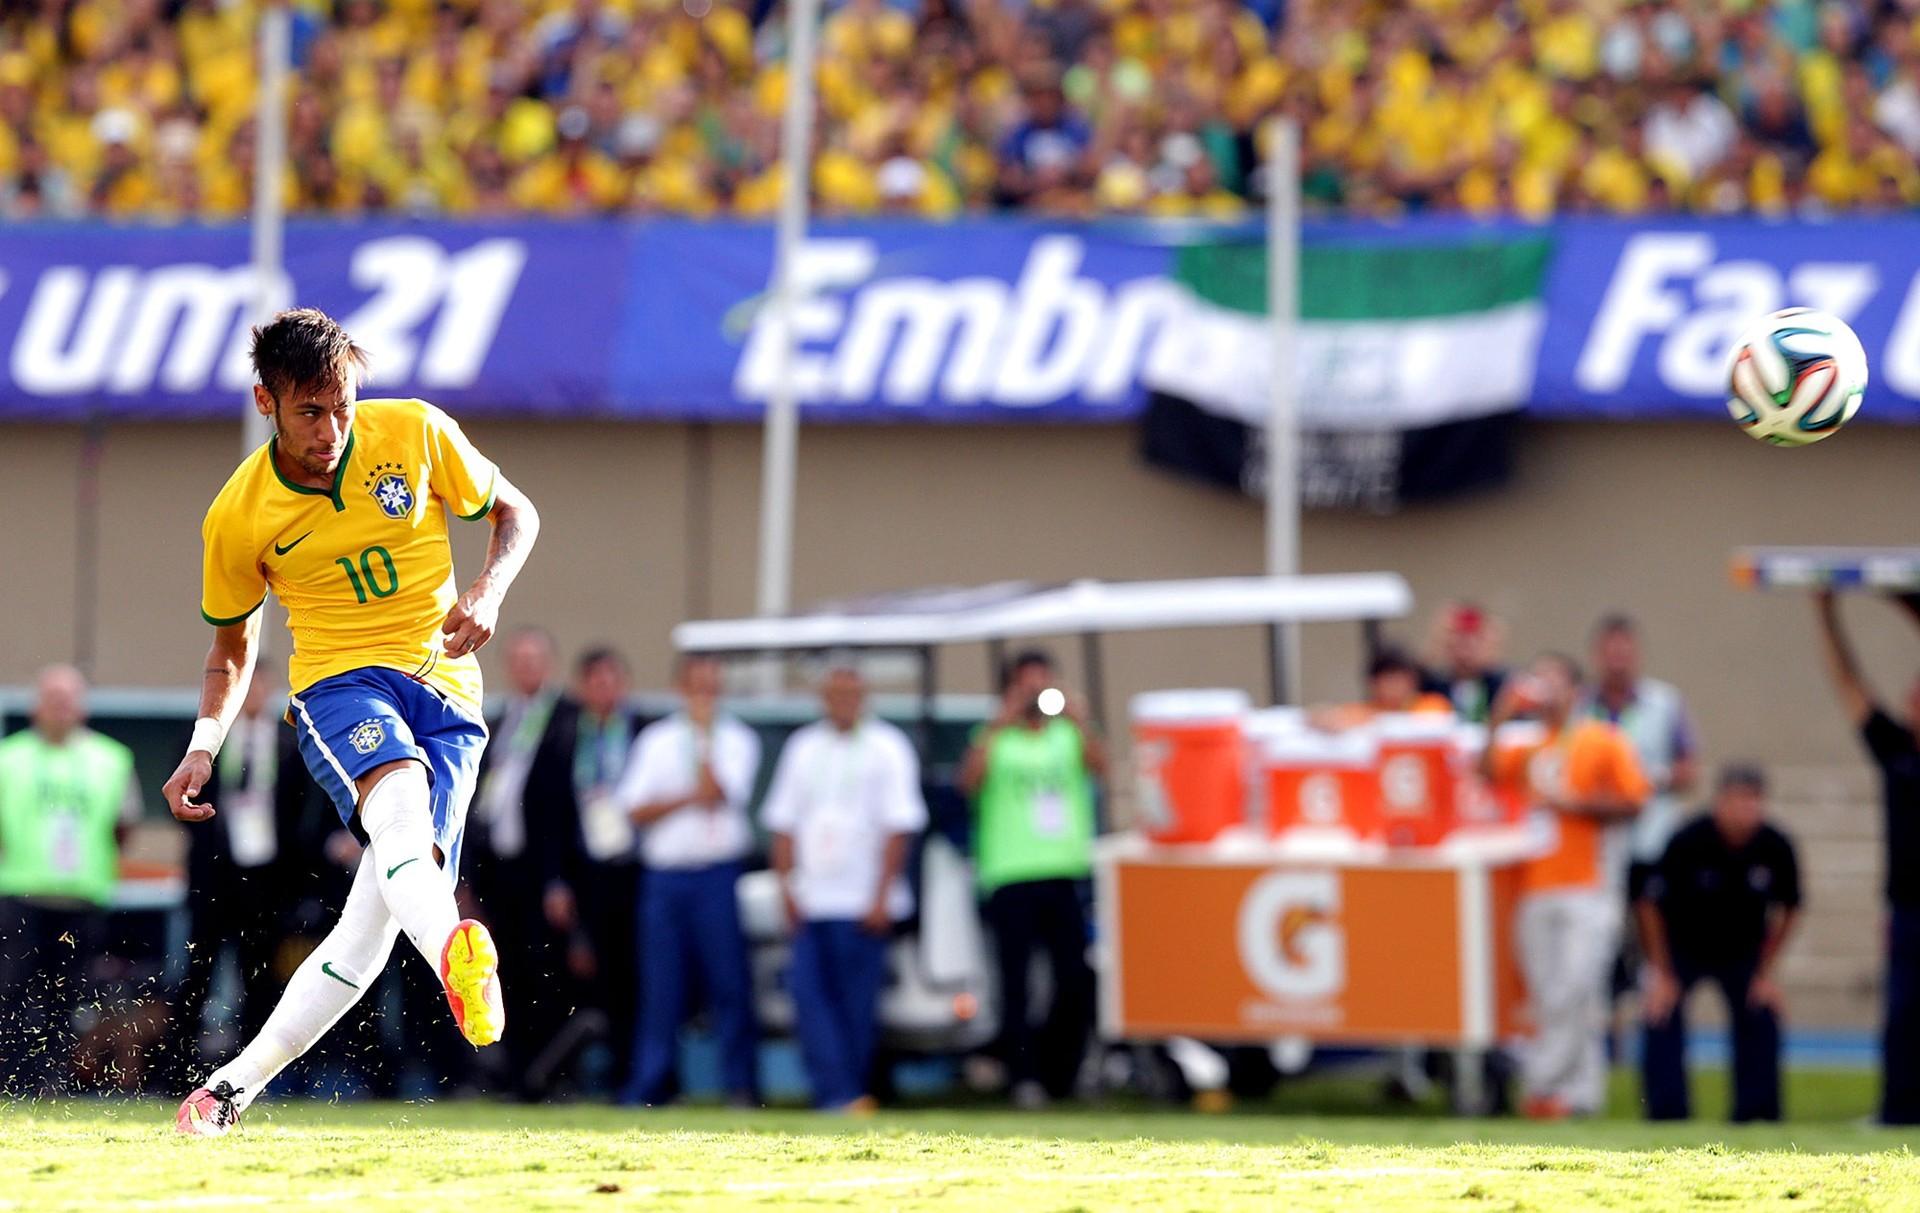 Jogador Neymar durante partida pela Seleção Brasileira (Foto: Reprodução GloboEsporte.com / Wander Roberto / VIPCOMM)